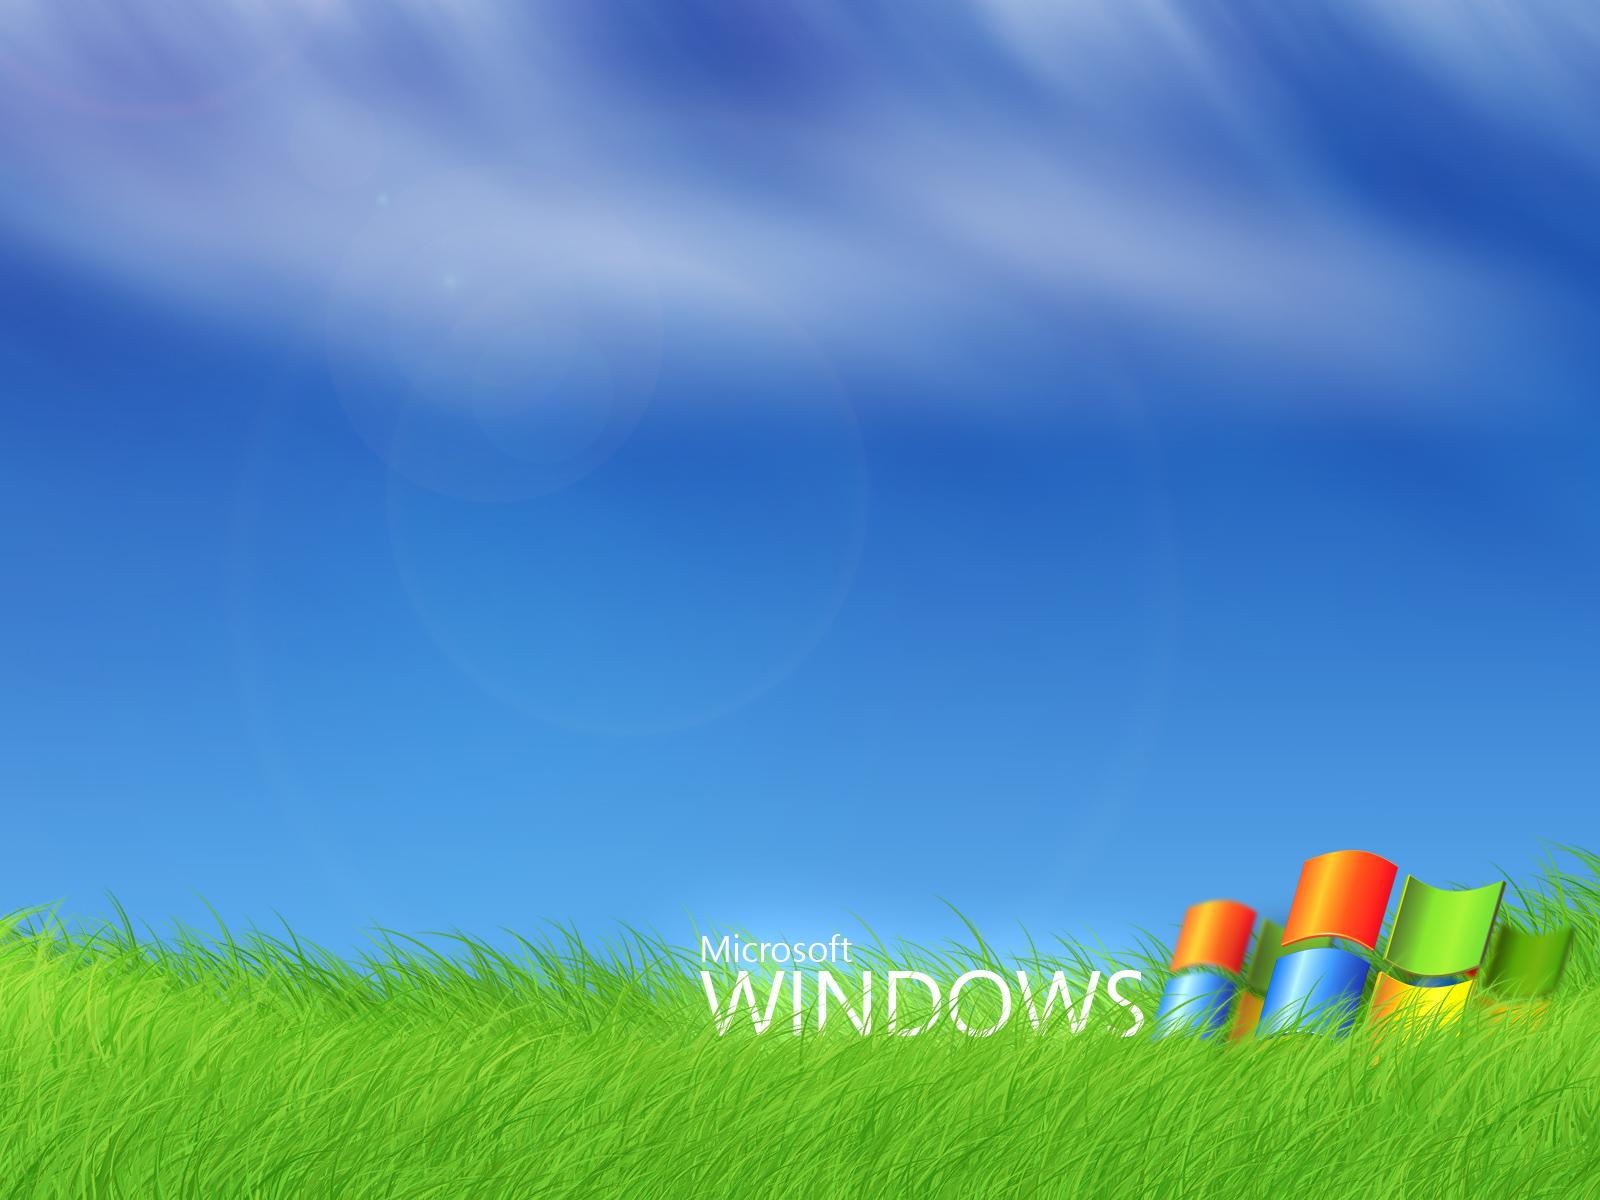 http://3.bp.blogspot.com/-5L_FUWo_45E/T5KvHbUsxxI/AAAAAAAAAoI/N8ApyDHgPF0/s1600/microsoft_windows-normal.jpg